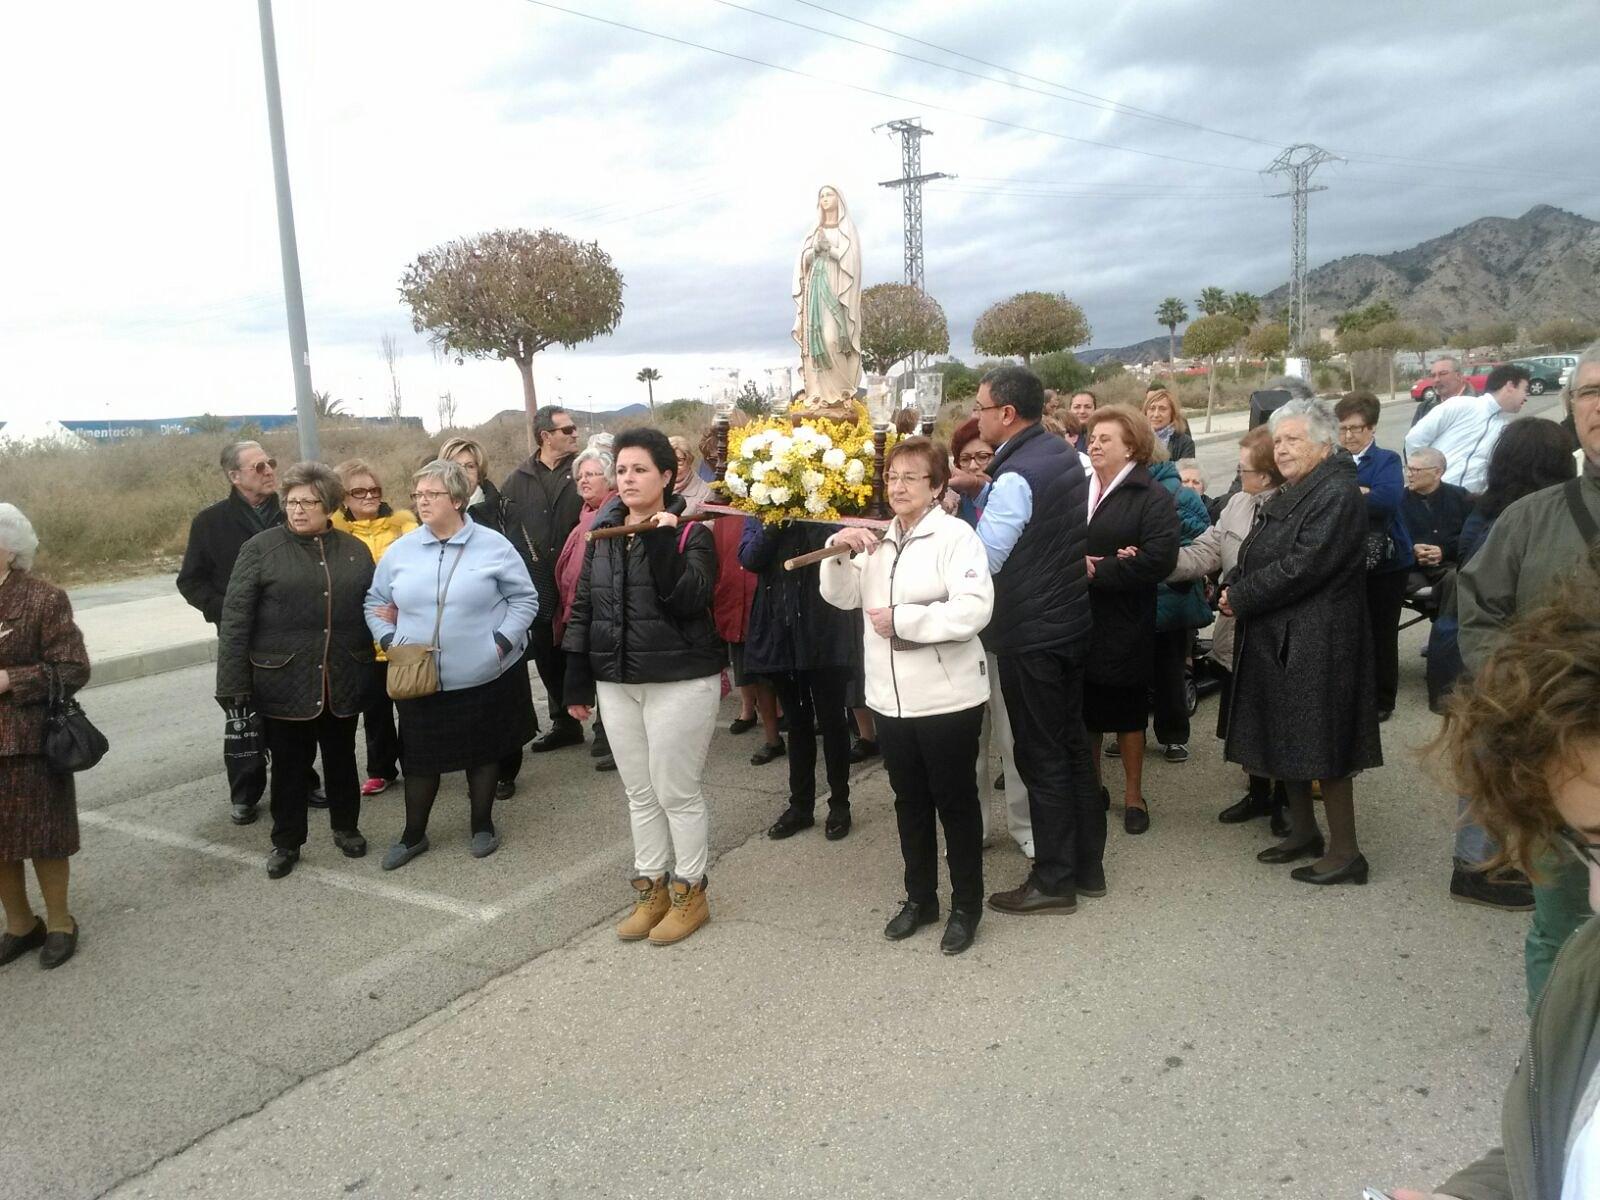 (2016-02-13) - Inauguración Virgen de Lourdes, La Molineta - Pascual Serrano (05)